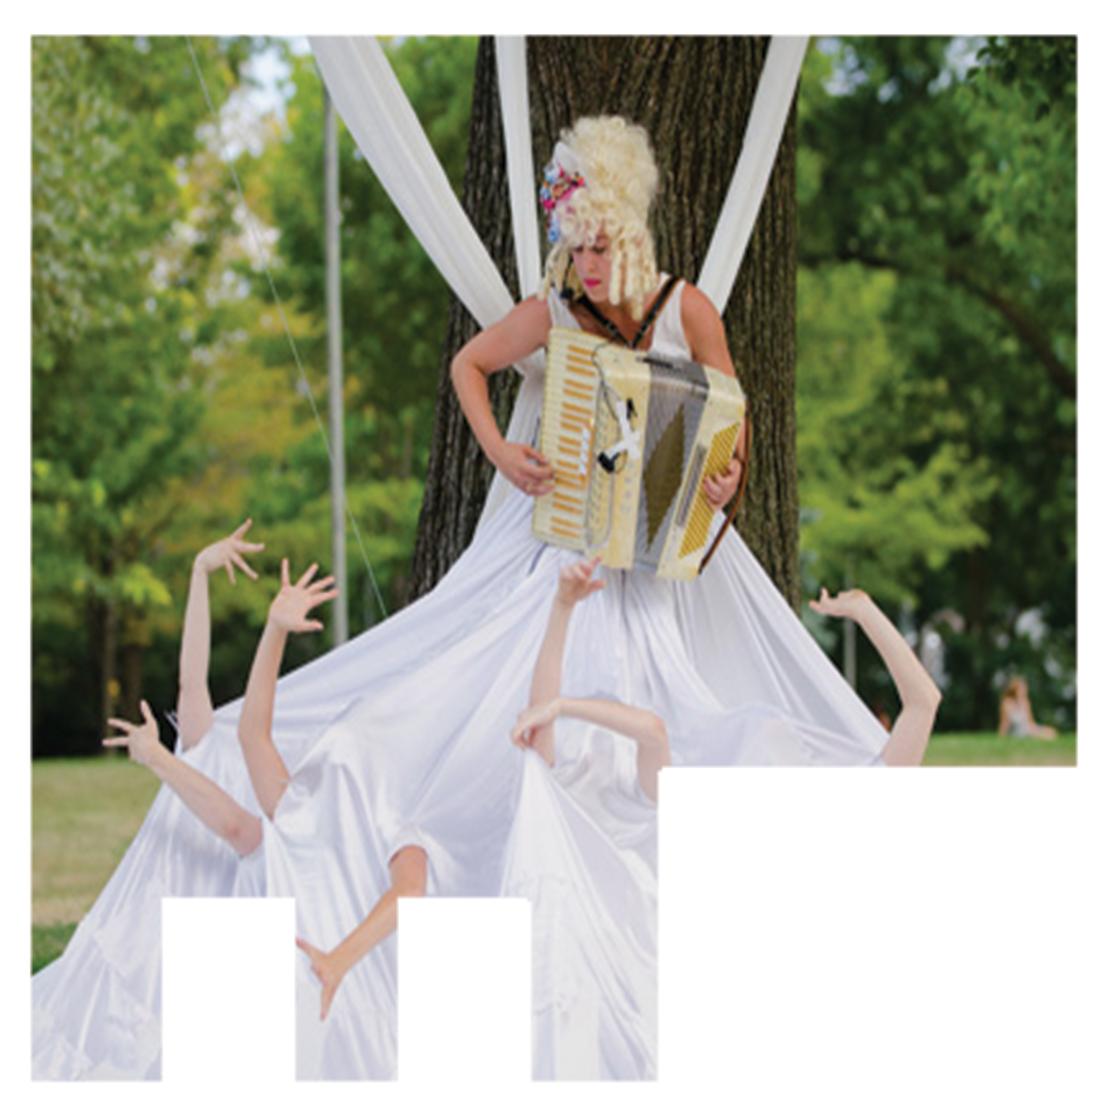 Dusk Dances 2013